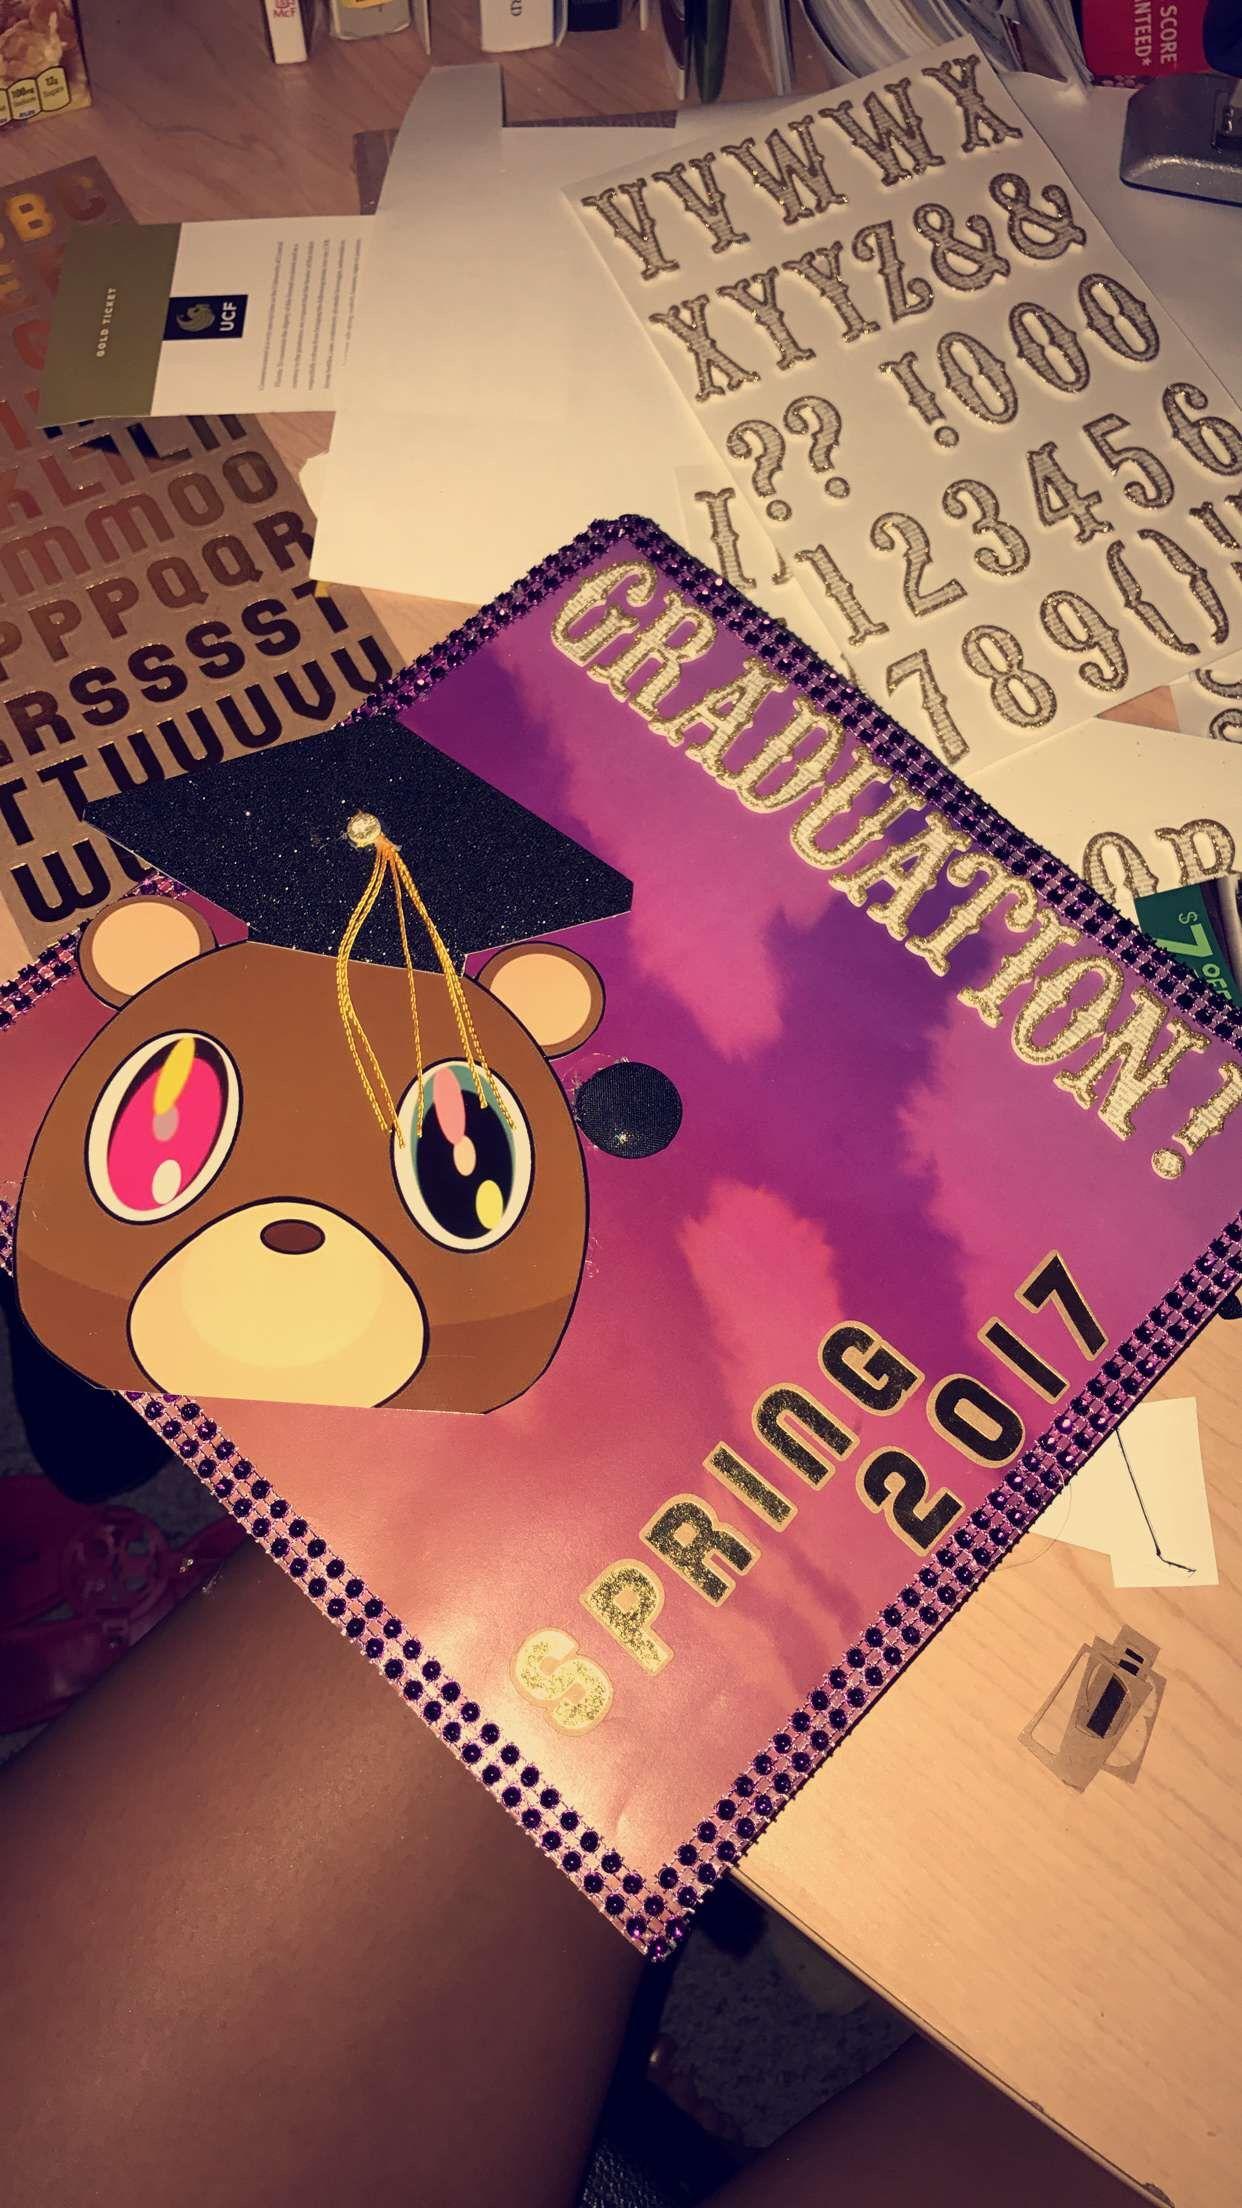 Kanye West Graduation Cap High School Graduation Cap Decoration Kanye West Graduation Cap College Grad Cap Ideas